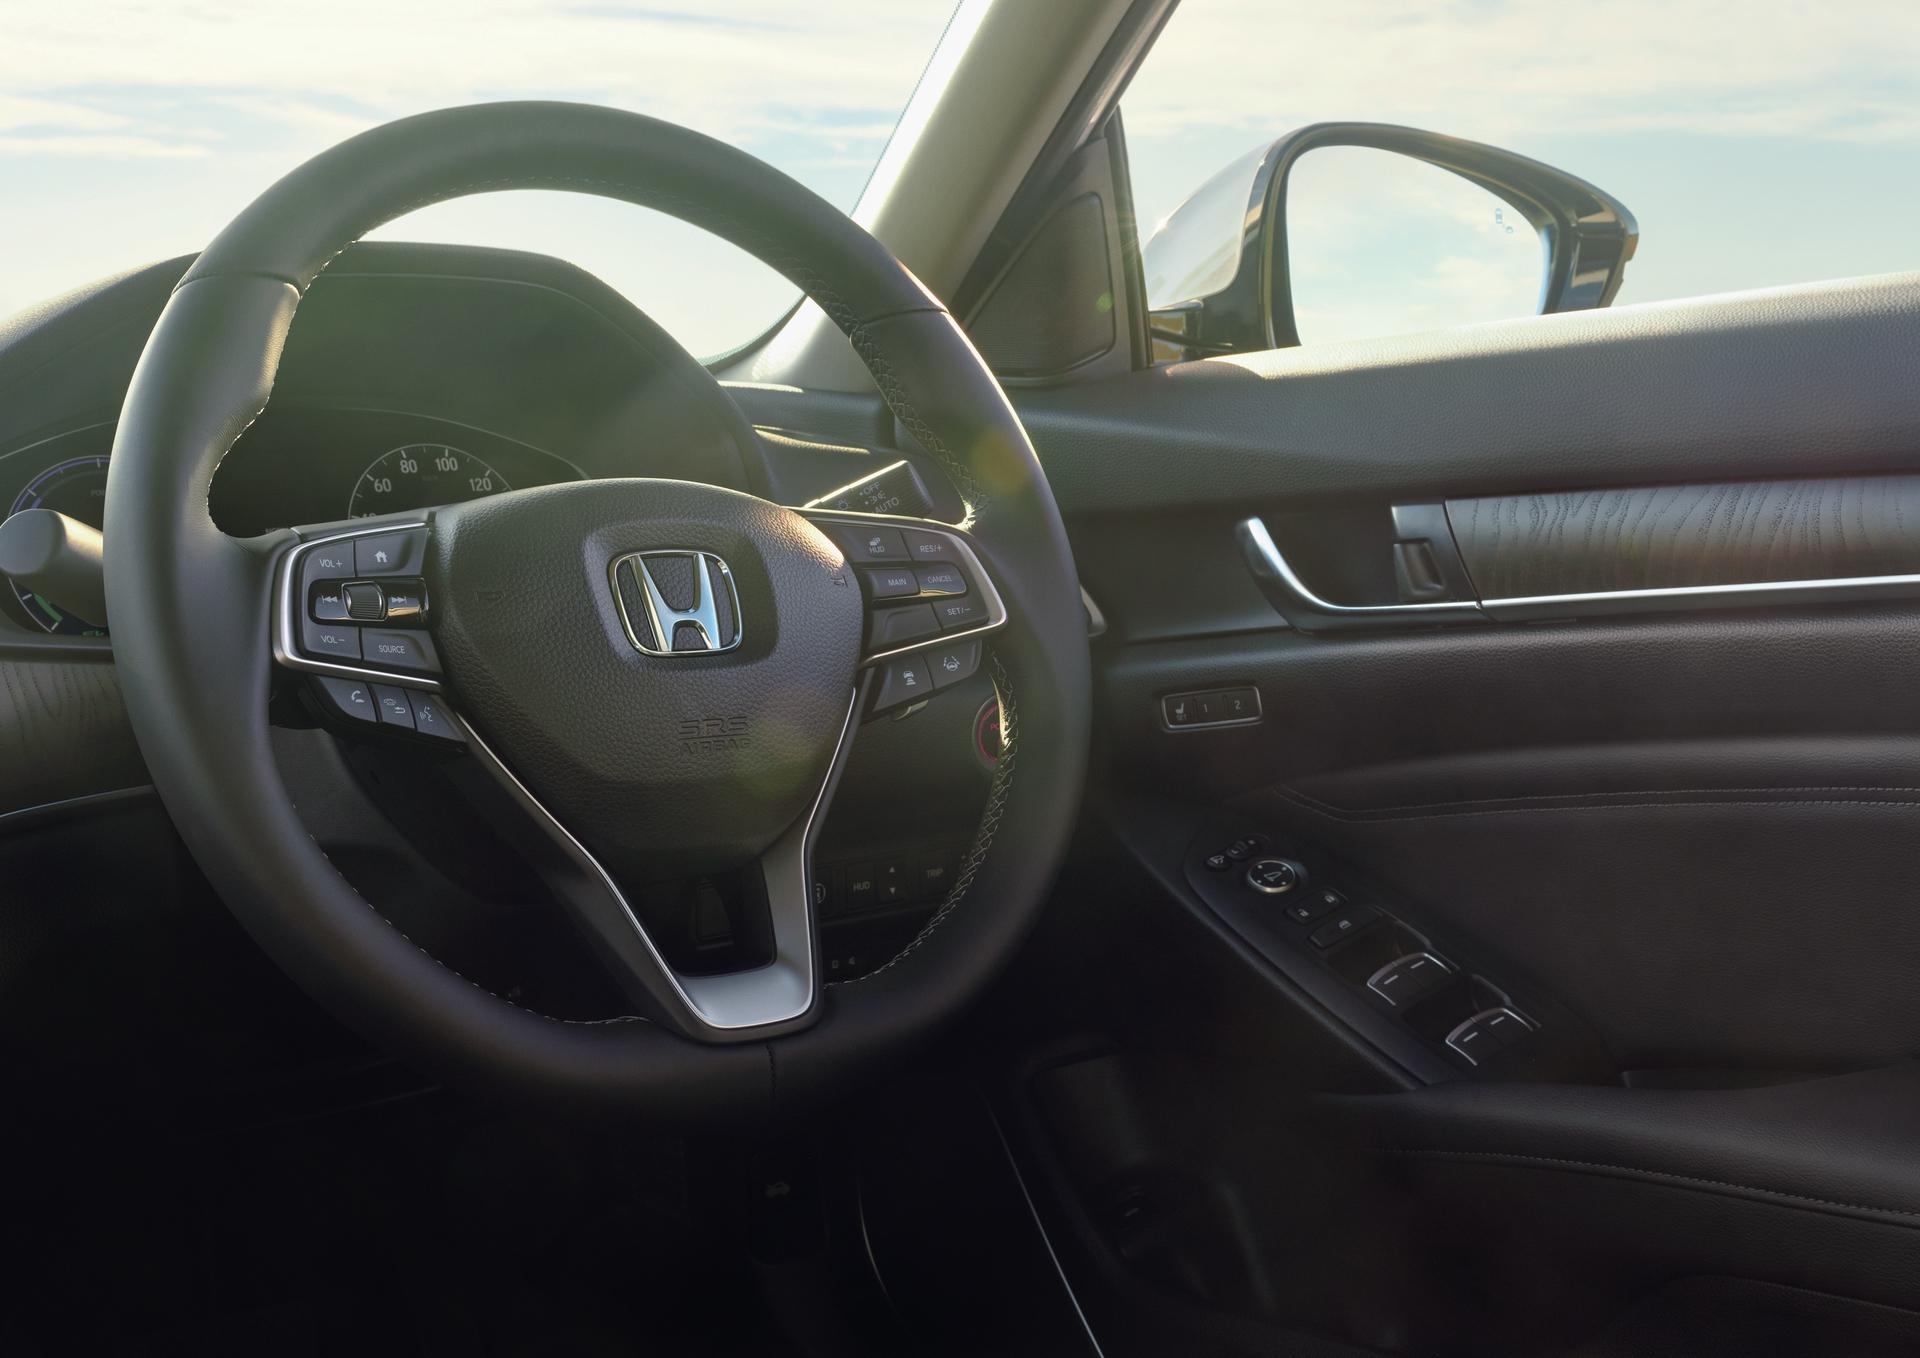 2020_Honda_Accord_eHEV_JPD_0028